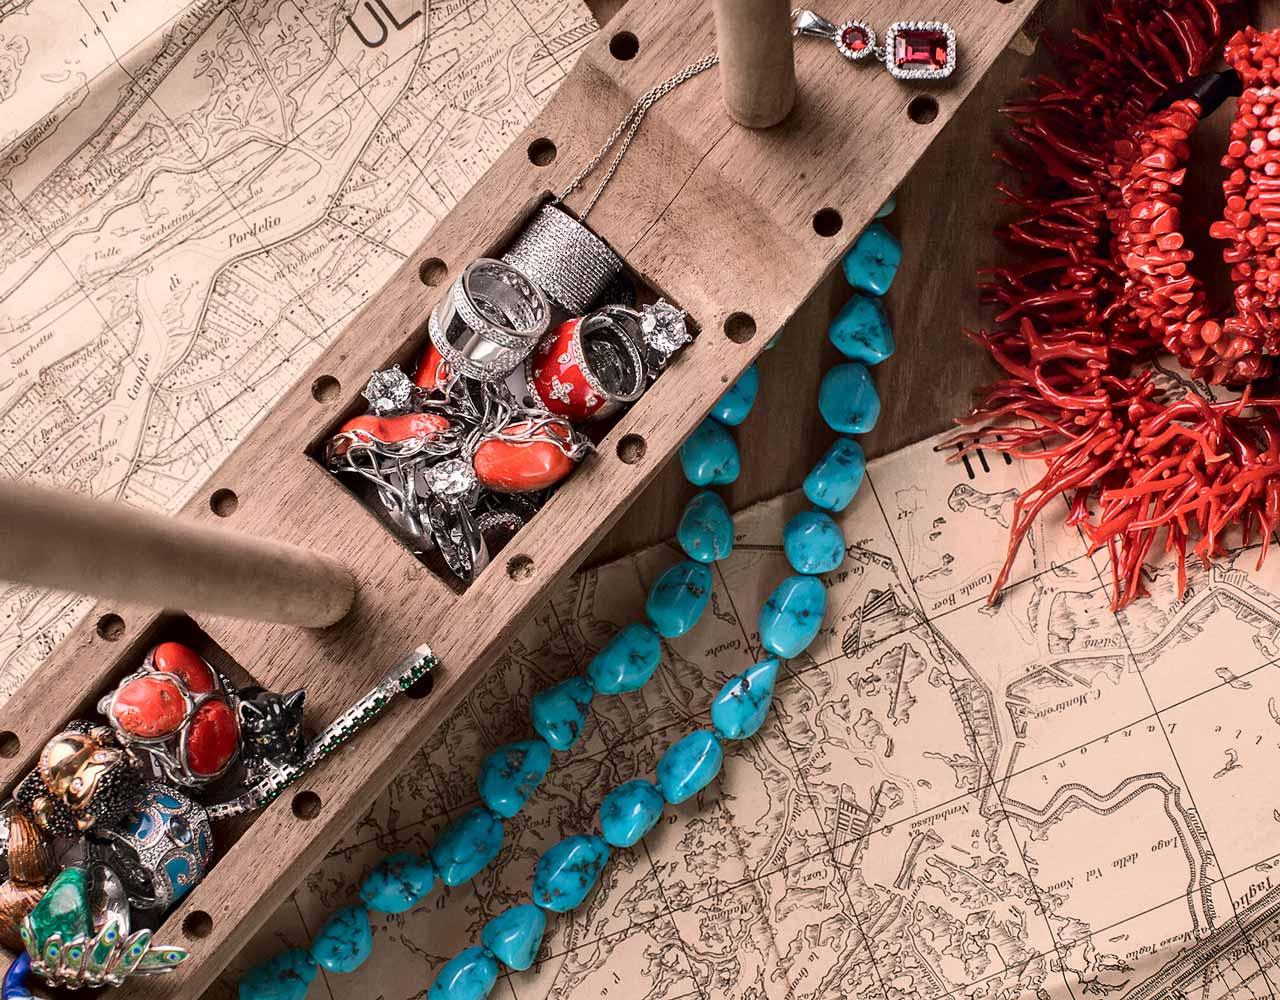 Brand identity e shooting Serendipity - Native agenzia comunicazione Treviso